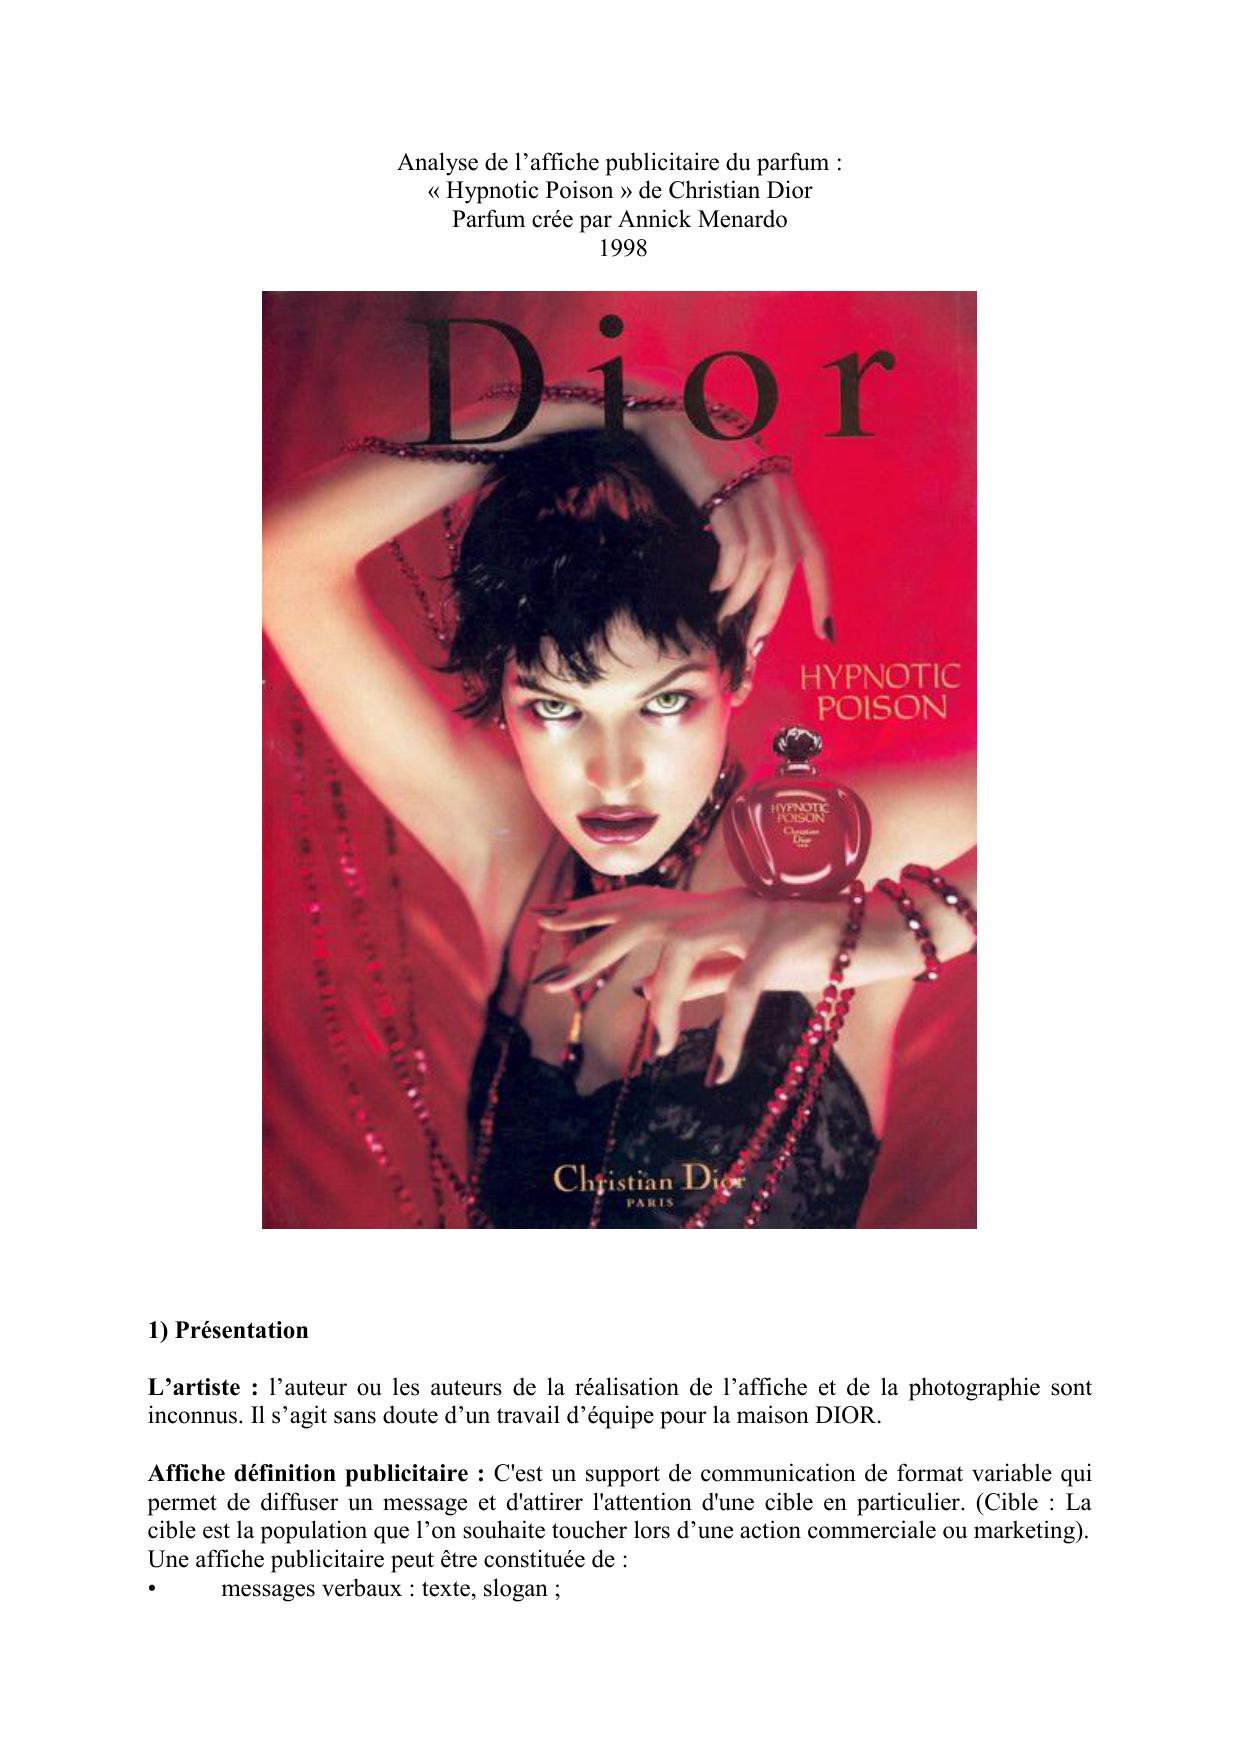 Fantastique Analyse de l`affiche publicitaire du parfum IZ-75